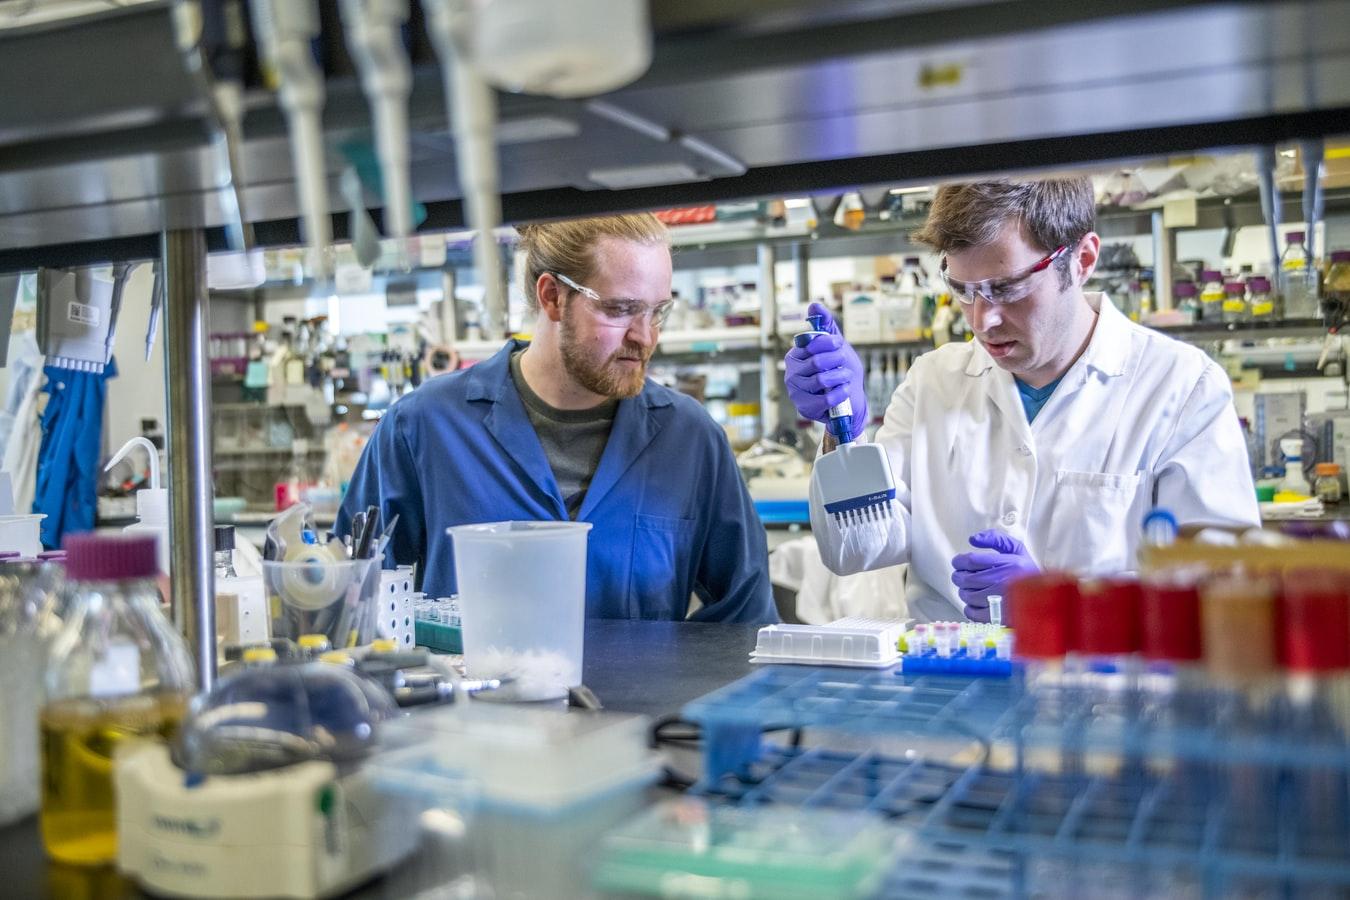 Des scientifiques dans un laboratoire.